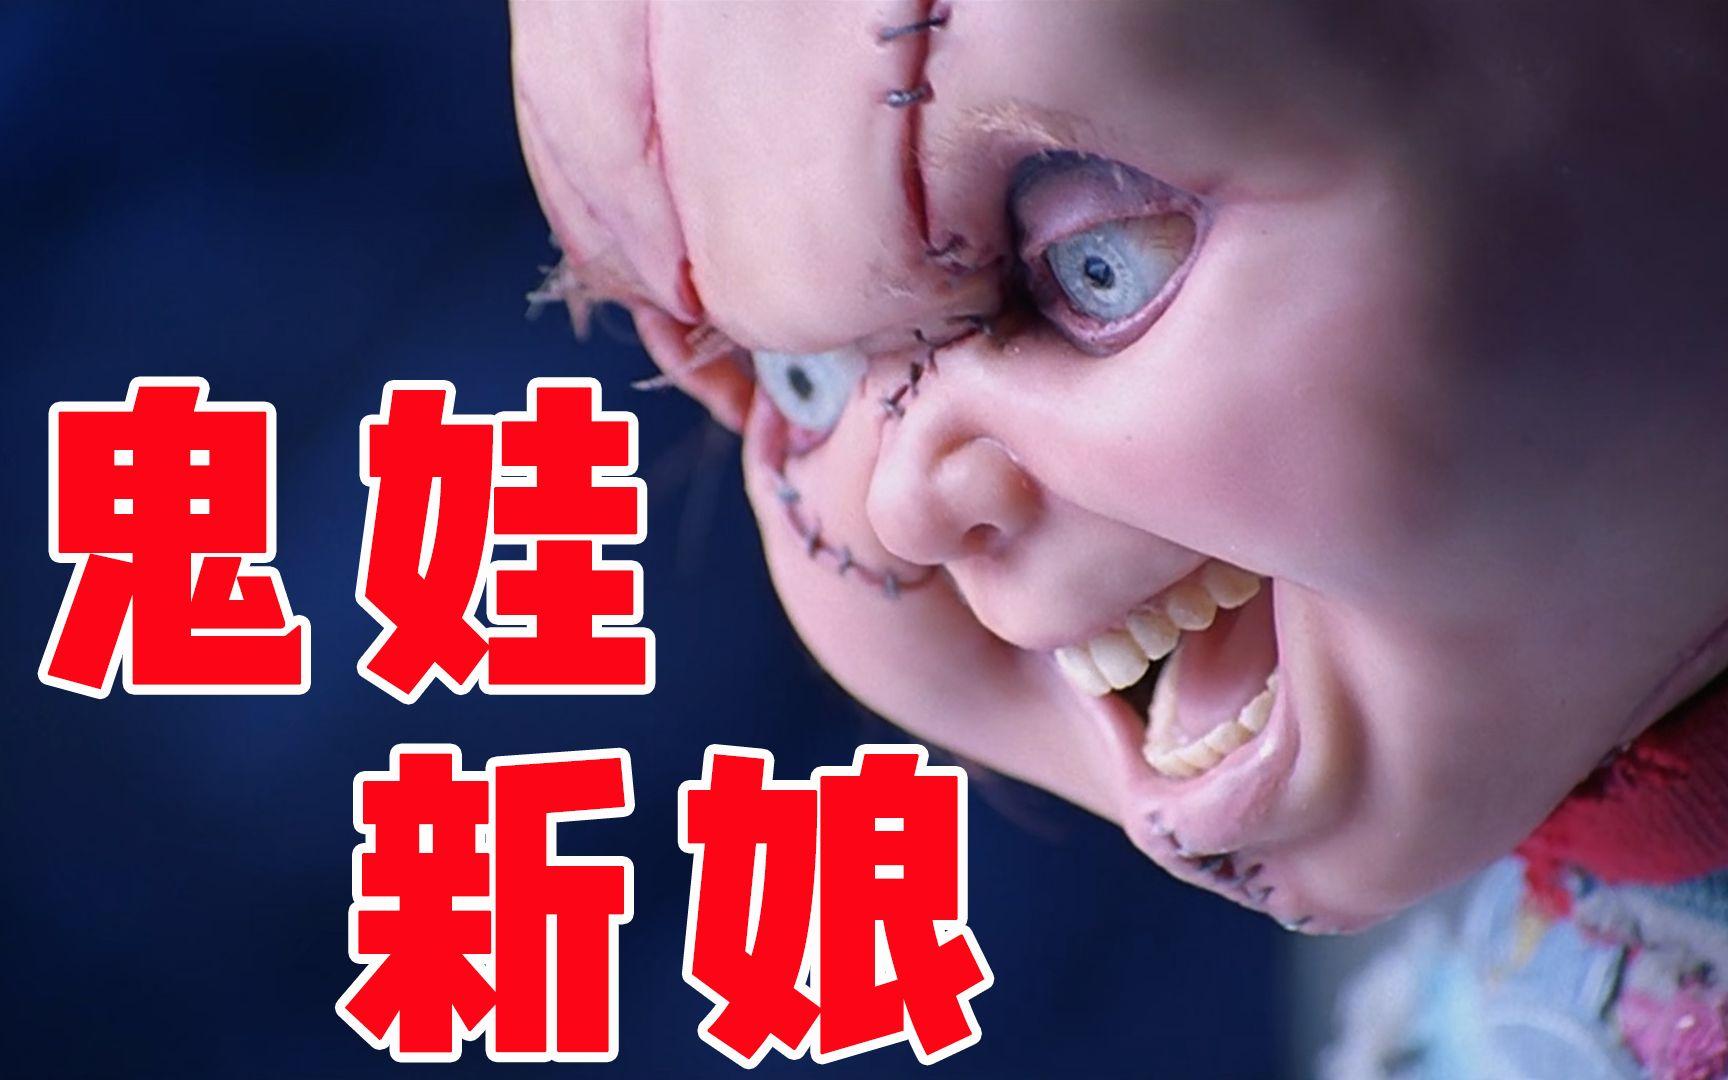 男人灵魂注入玩偶,并找到一对情侣,企图掌控他们身体!恐怖电影